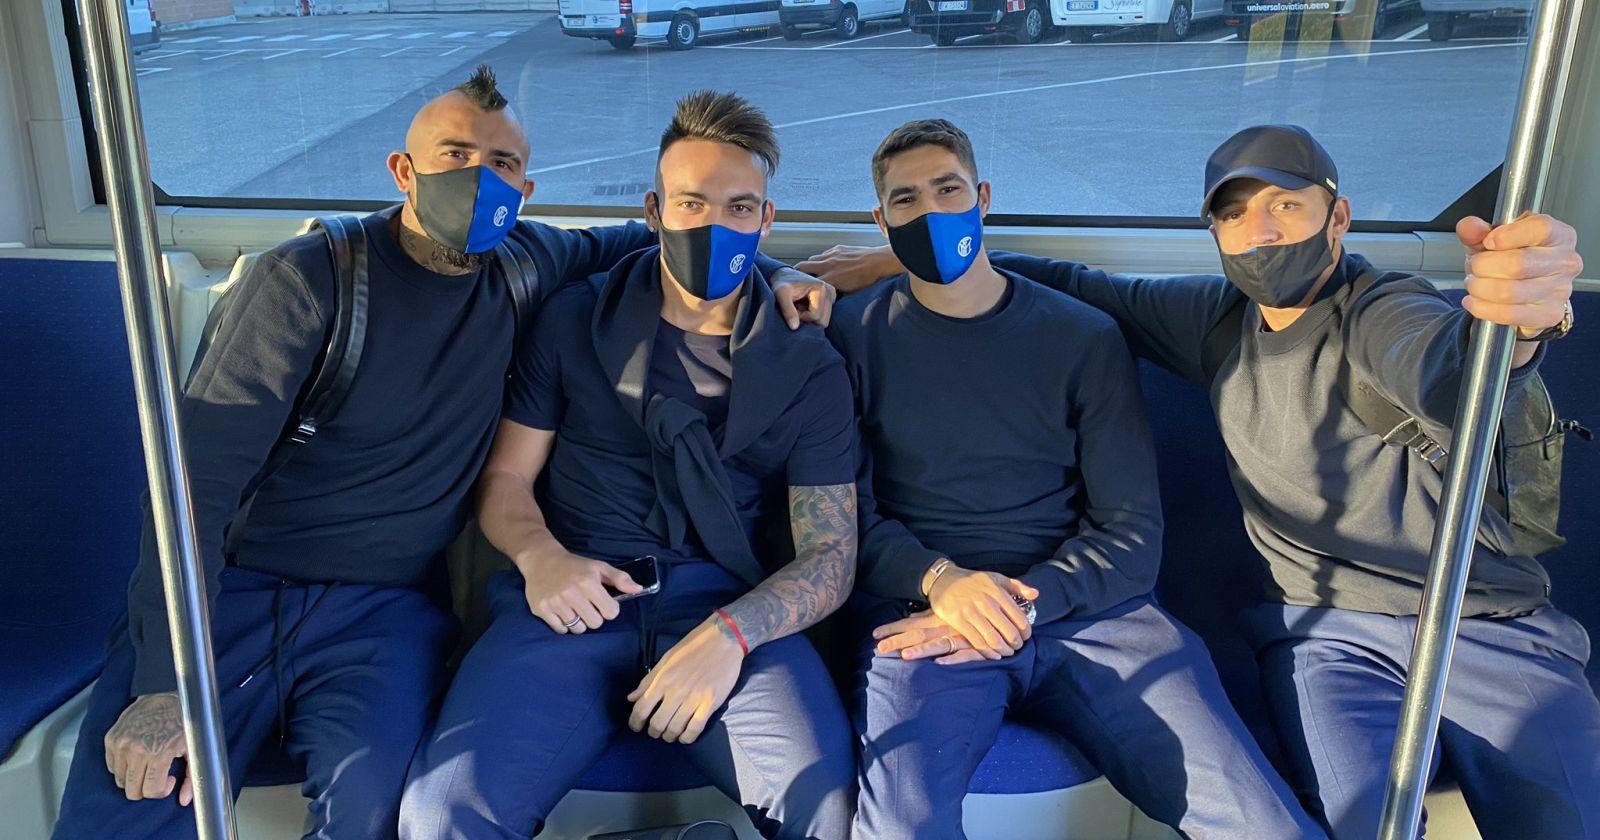 Alexis Sánchez y Arturo Vidal viajan a España con el Inter para enfrentar a Real Madrid